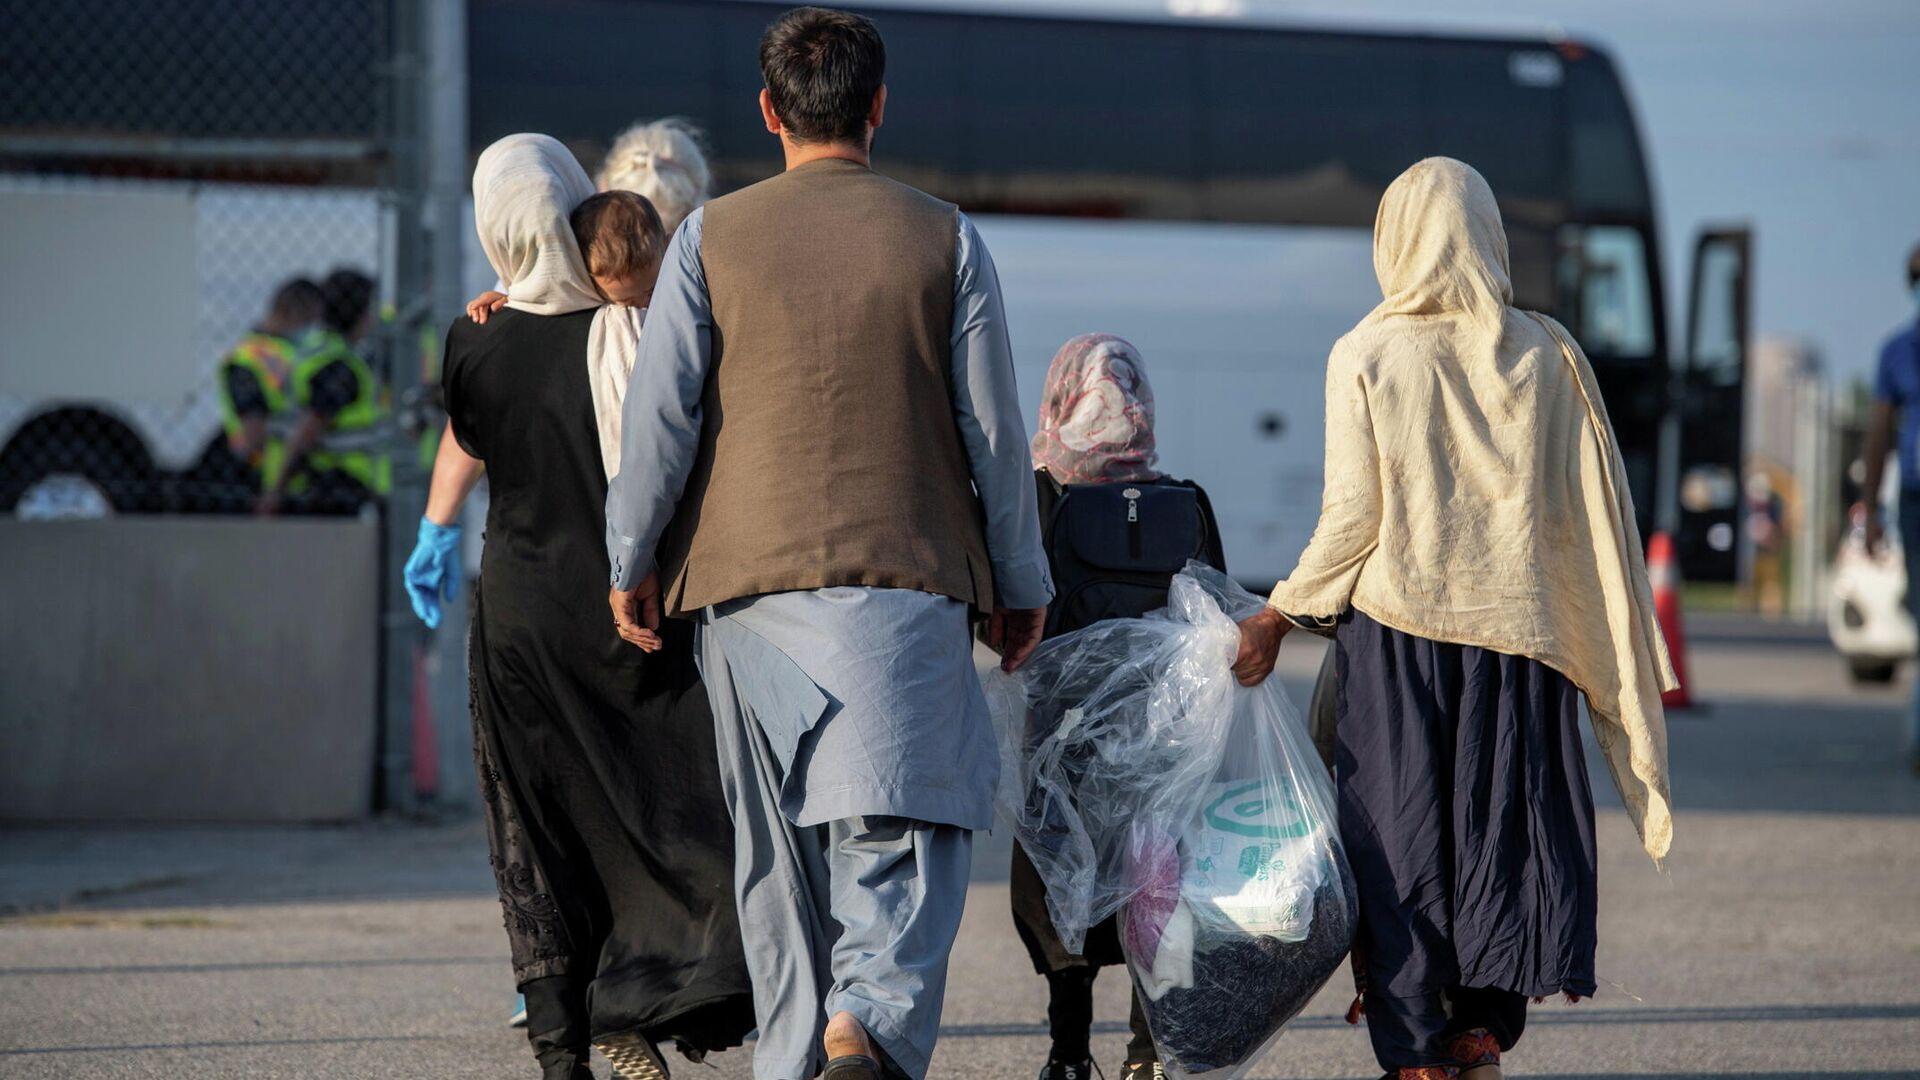 Los refugiados afganos que apoyaron la misión de Canadá en Afganistán se preparan para abordar los autobuses después de llegar a Canadá, en el Aeropuerto Internacional Toronto Pearson el 24 de agosto de 2021 - Sputnik Mundo, 1920, 23.09.2021